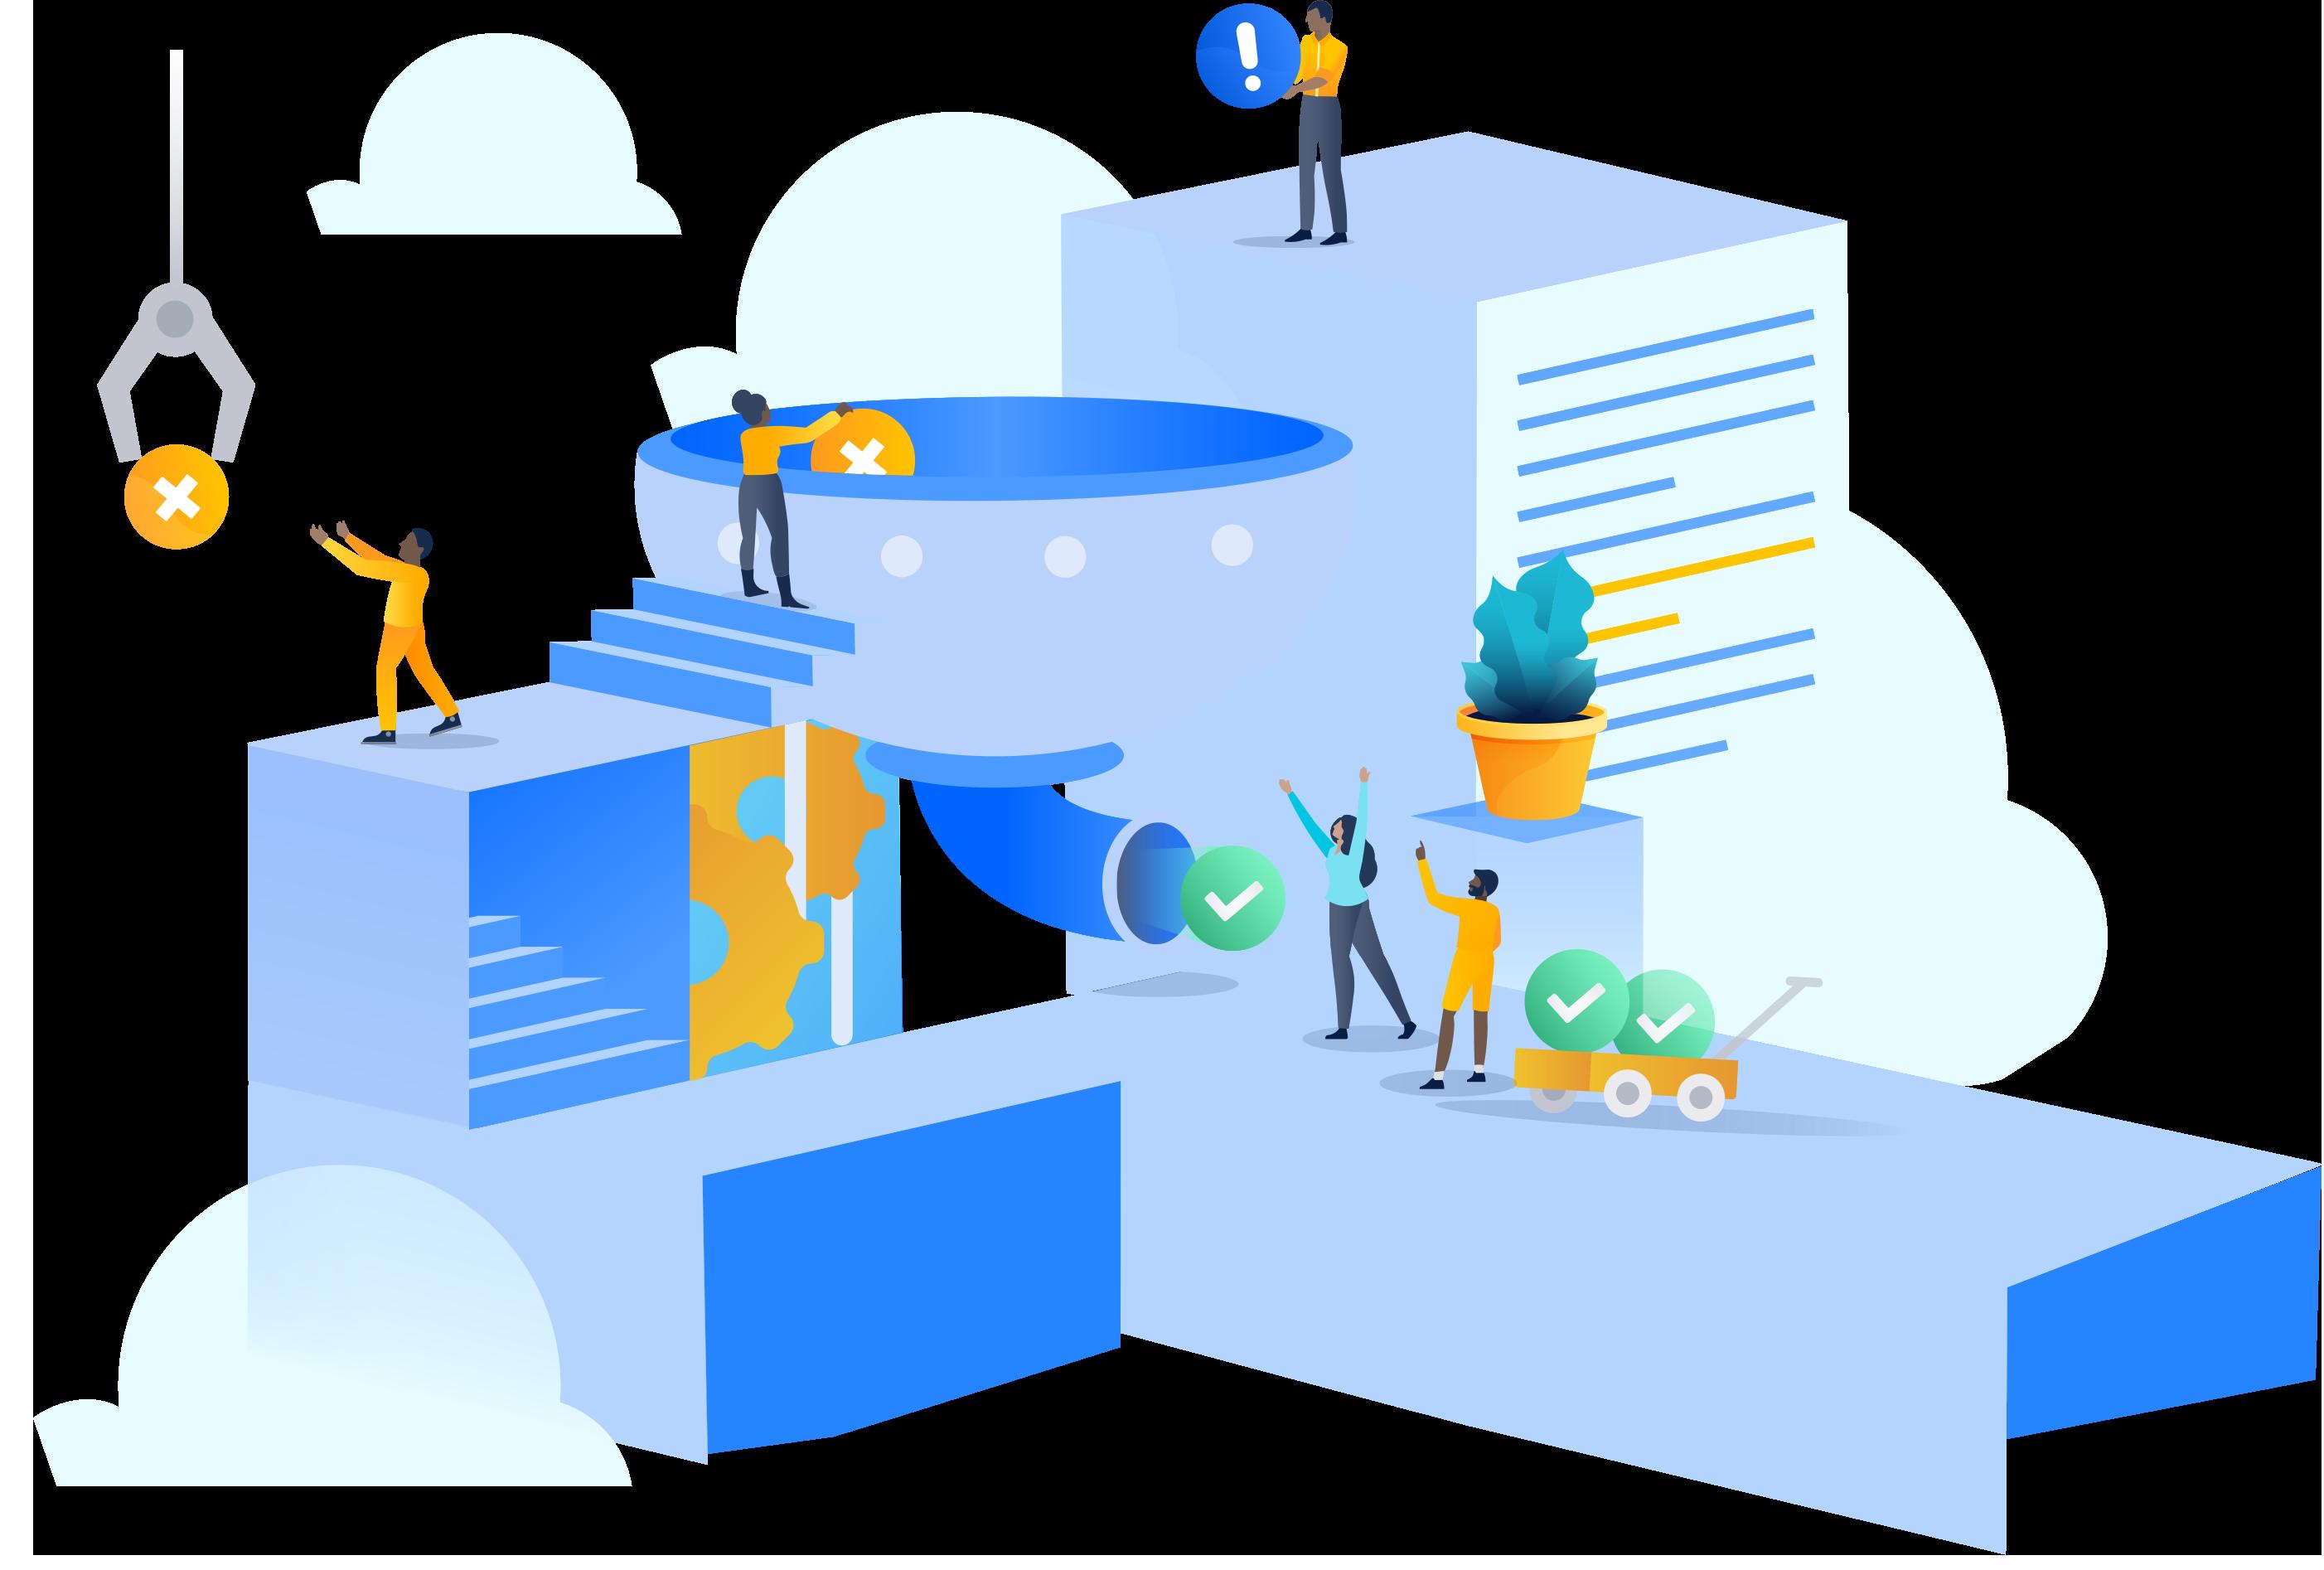 Data Center city illustration